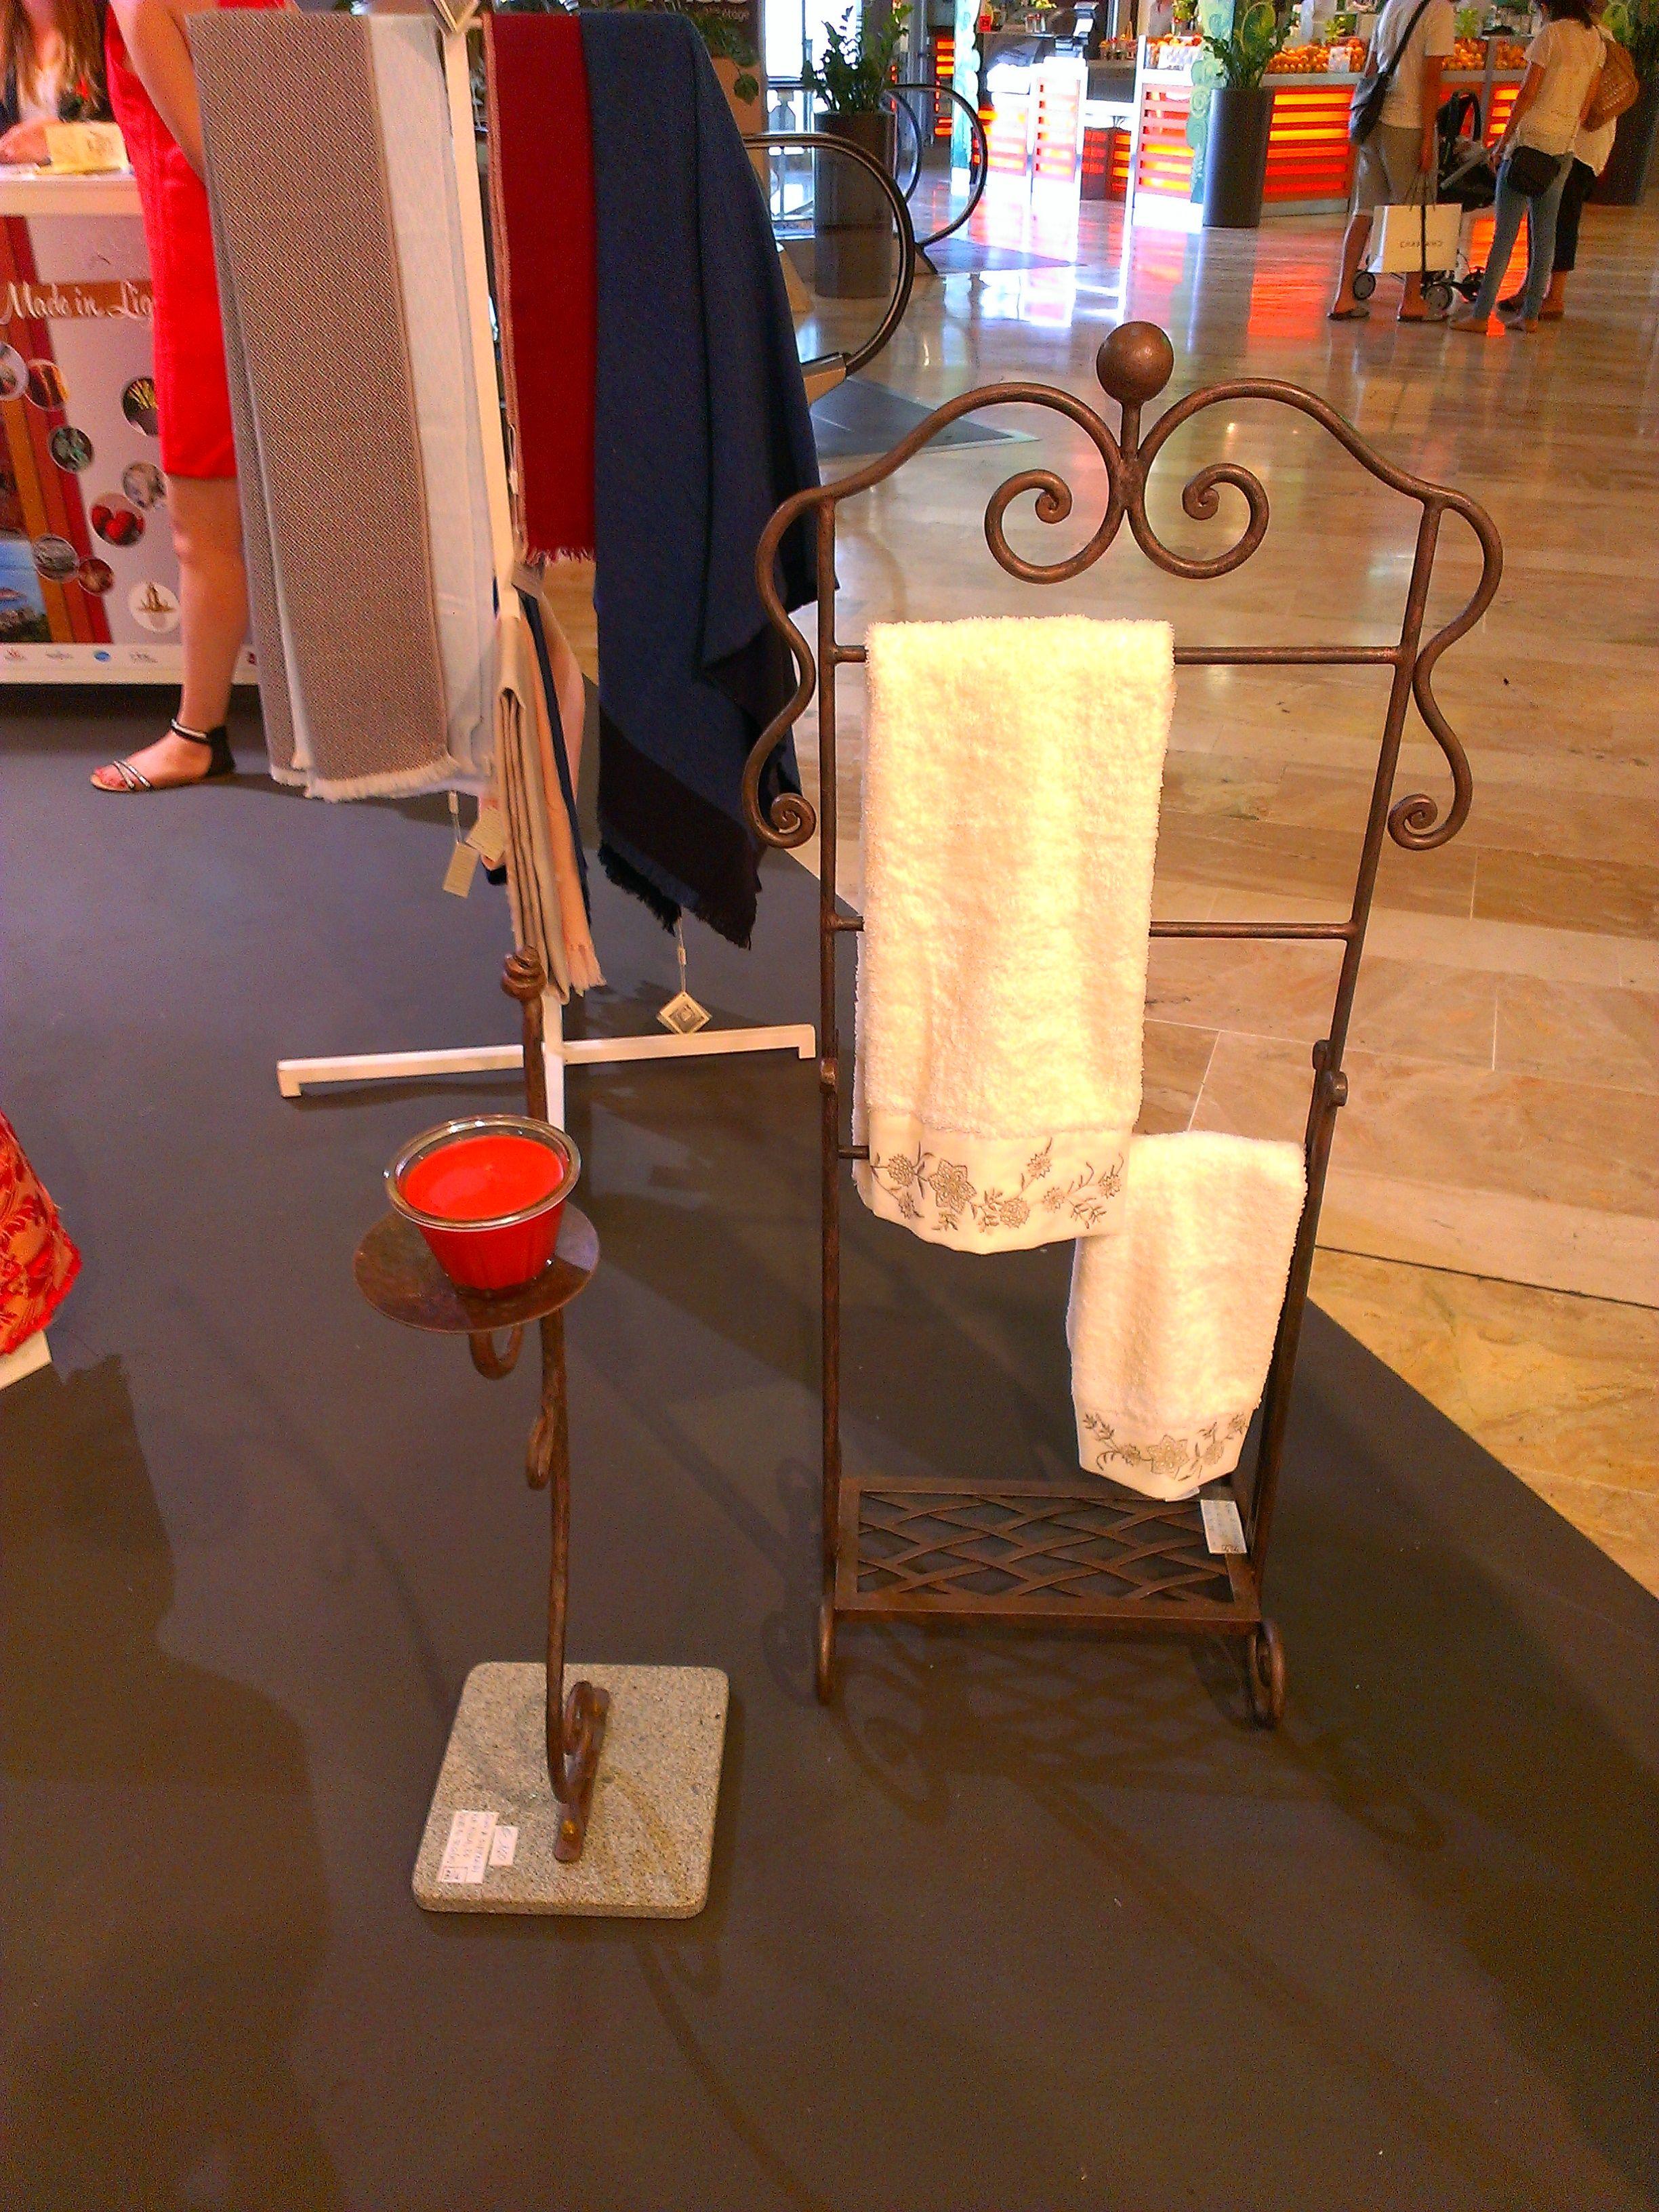 Seno  Siffredi - Pieve di Teco maglio, incudine e martello per queste creazioni in ferro battuto #Marsiglia2014